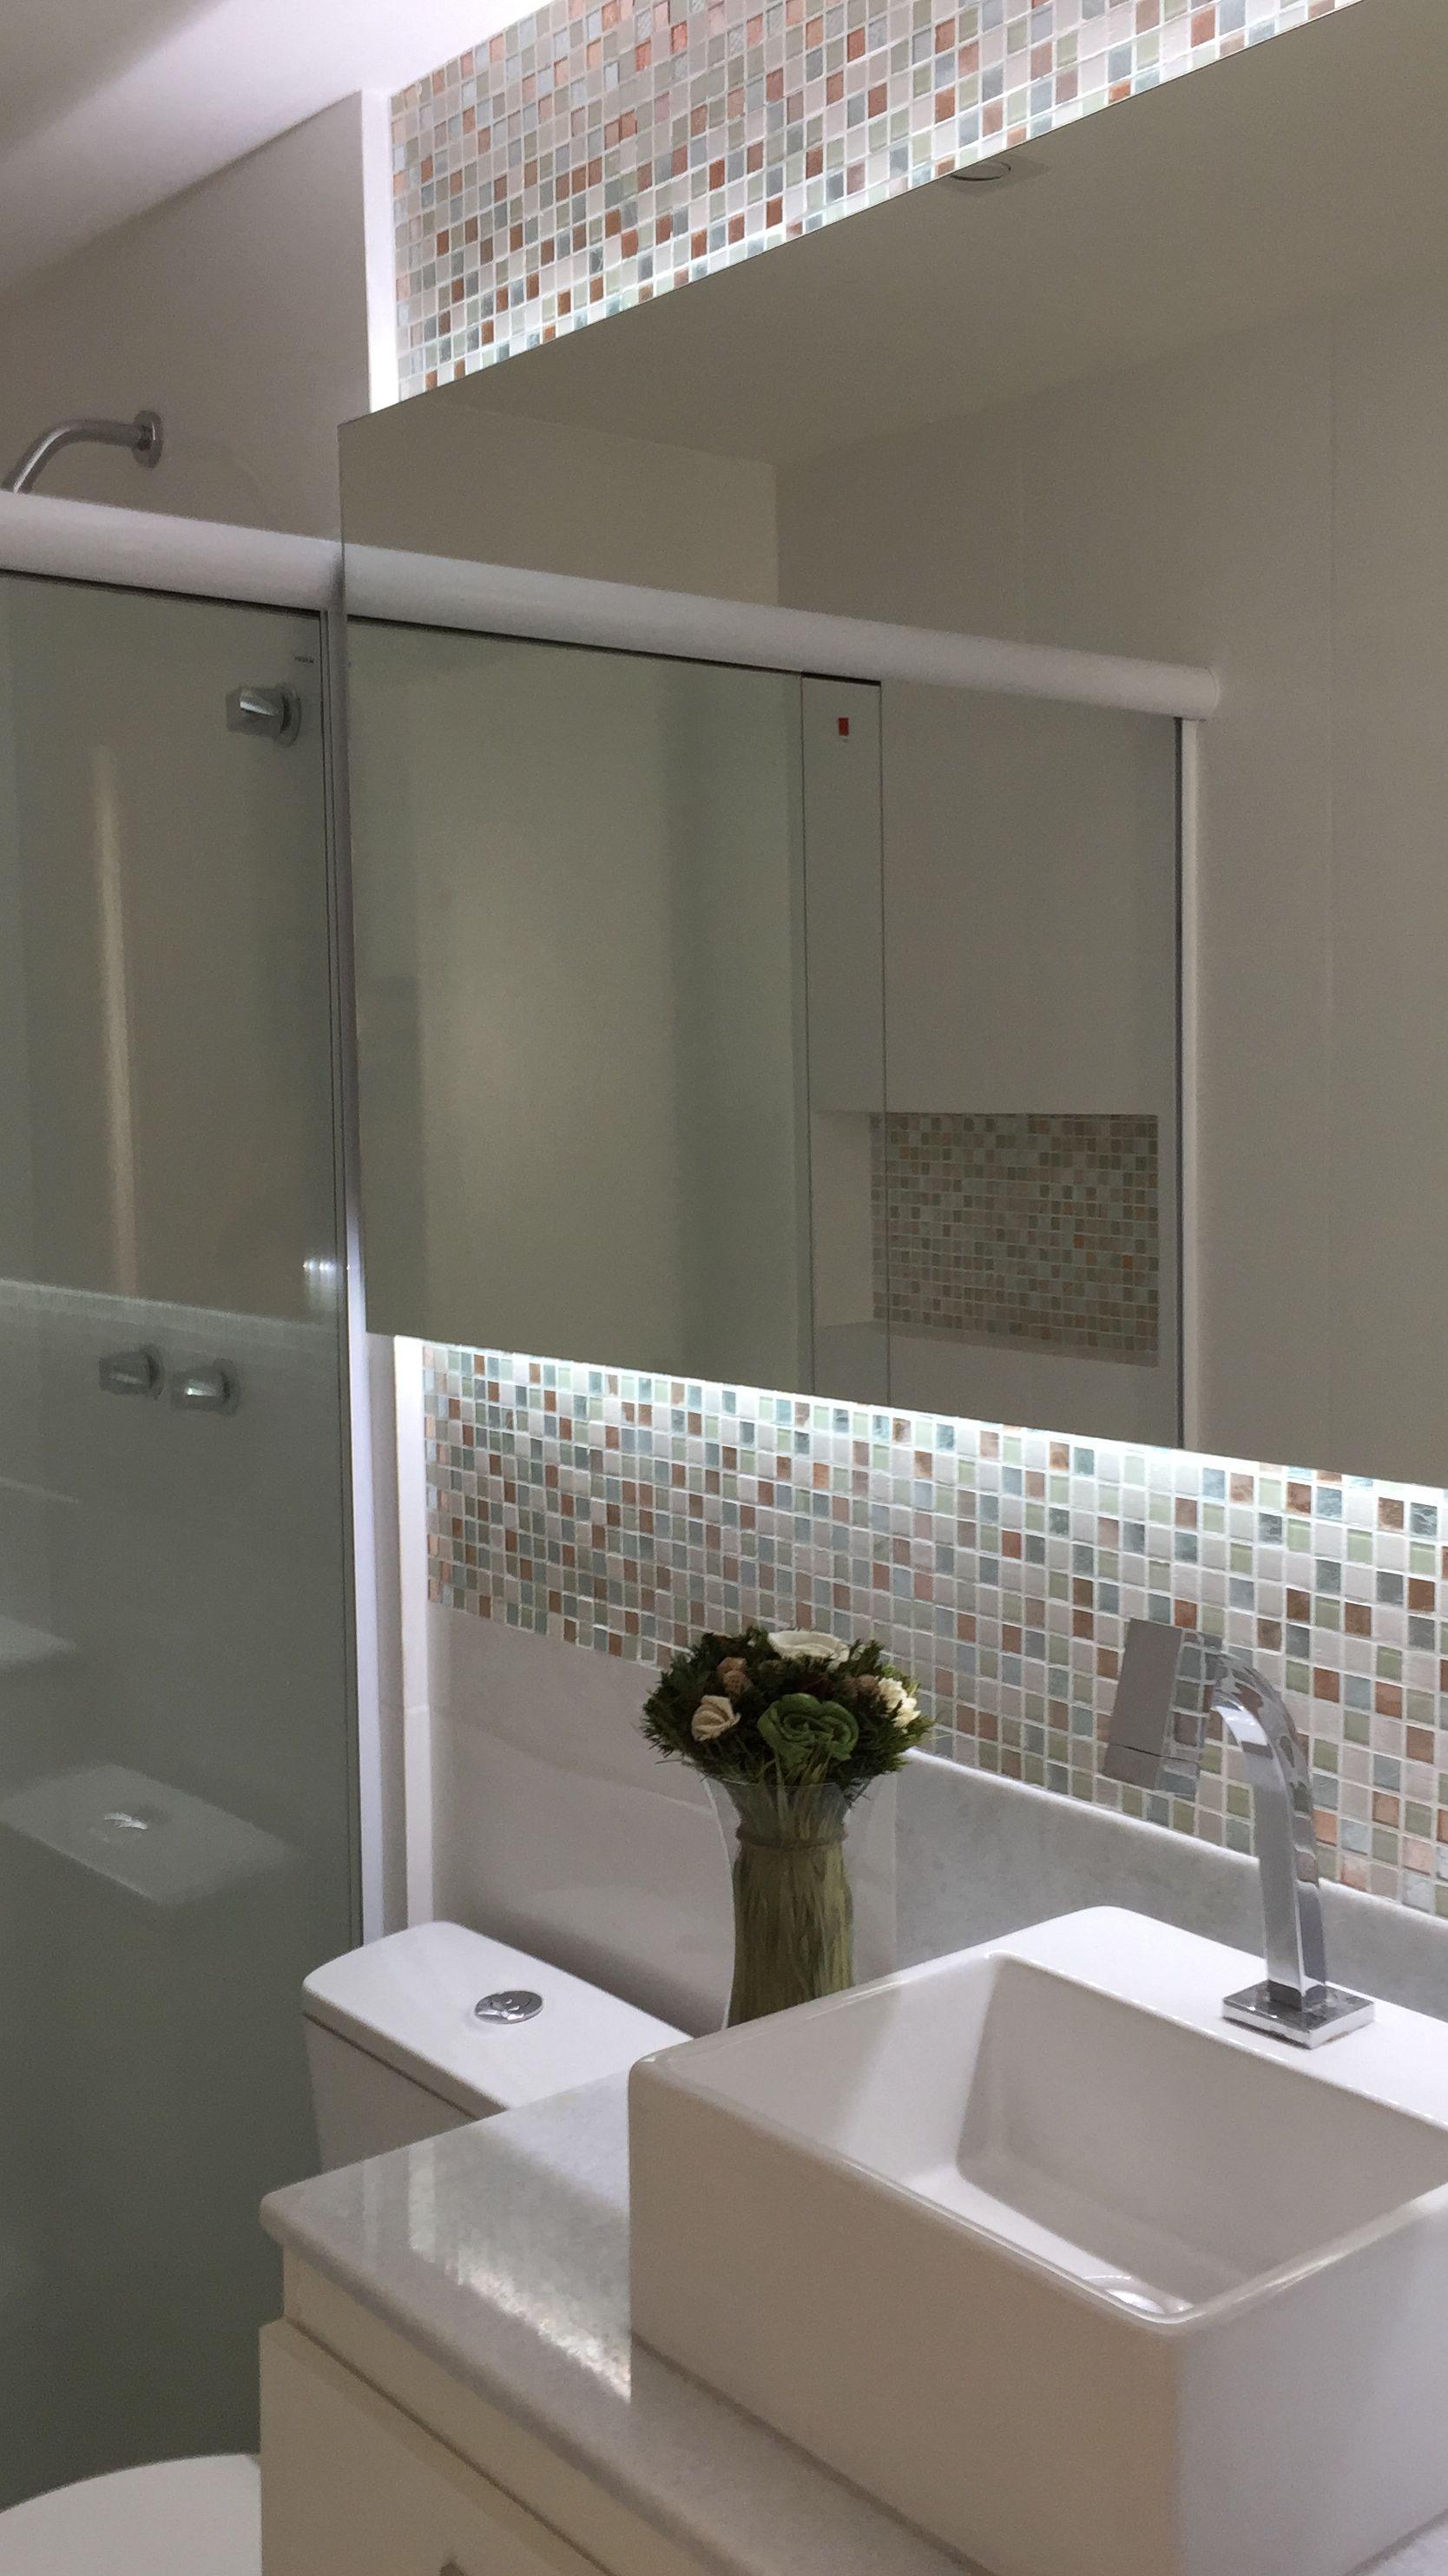 Zeitgenössische Badezimmer, Badezimmerideen, Badezimmer Waschbecken, Schöne  Designs, Warmes Bad, Wc Ideen, Zukünftiges Haus, Schreibtische, Modell, ...